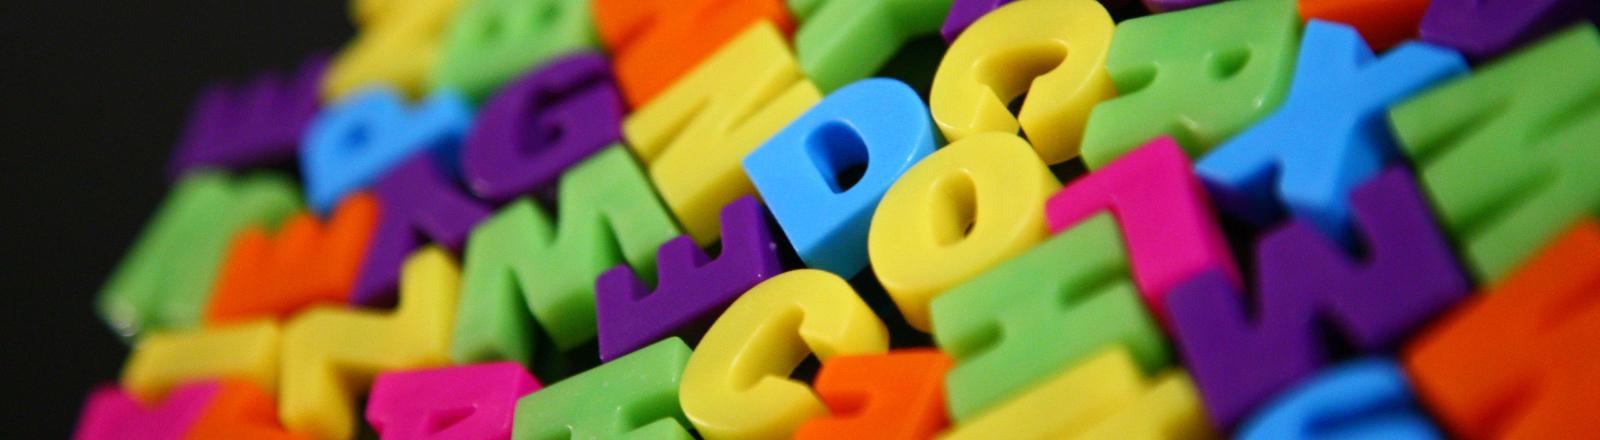 Viele bunte Spielzeugbuchstaben liegen auf einem Haufen.